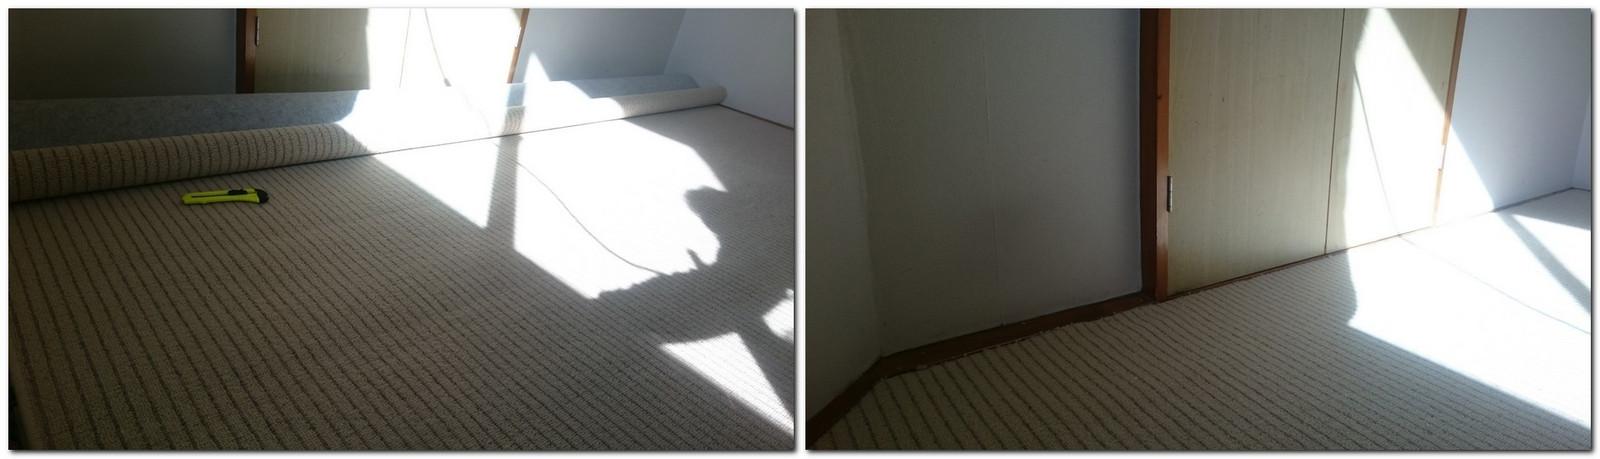 客室のカーペット替え